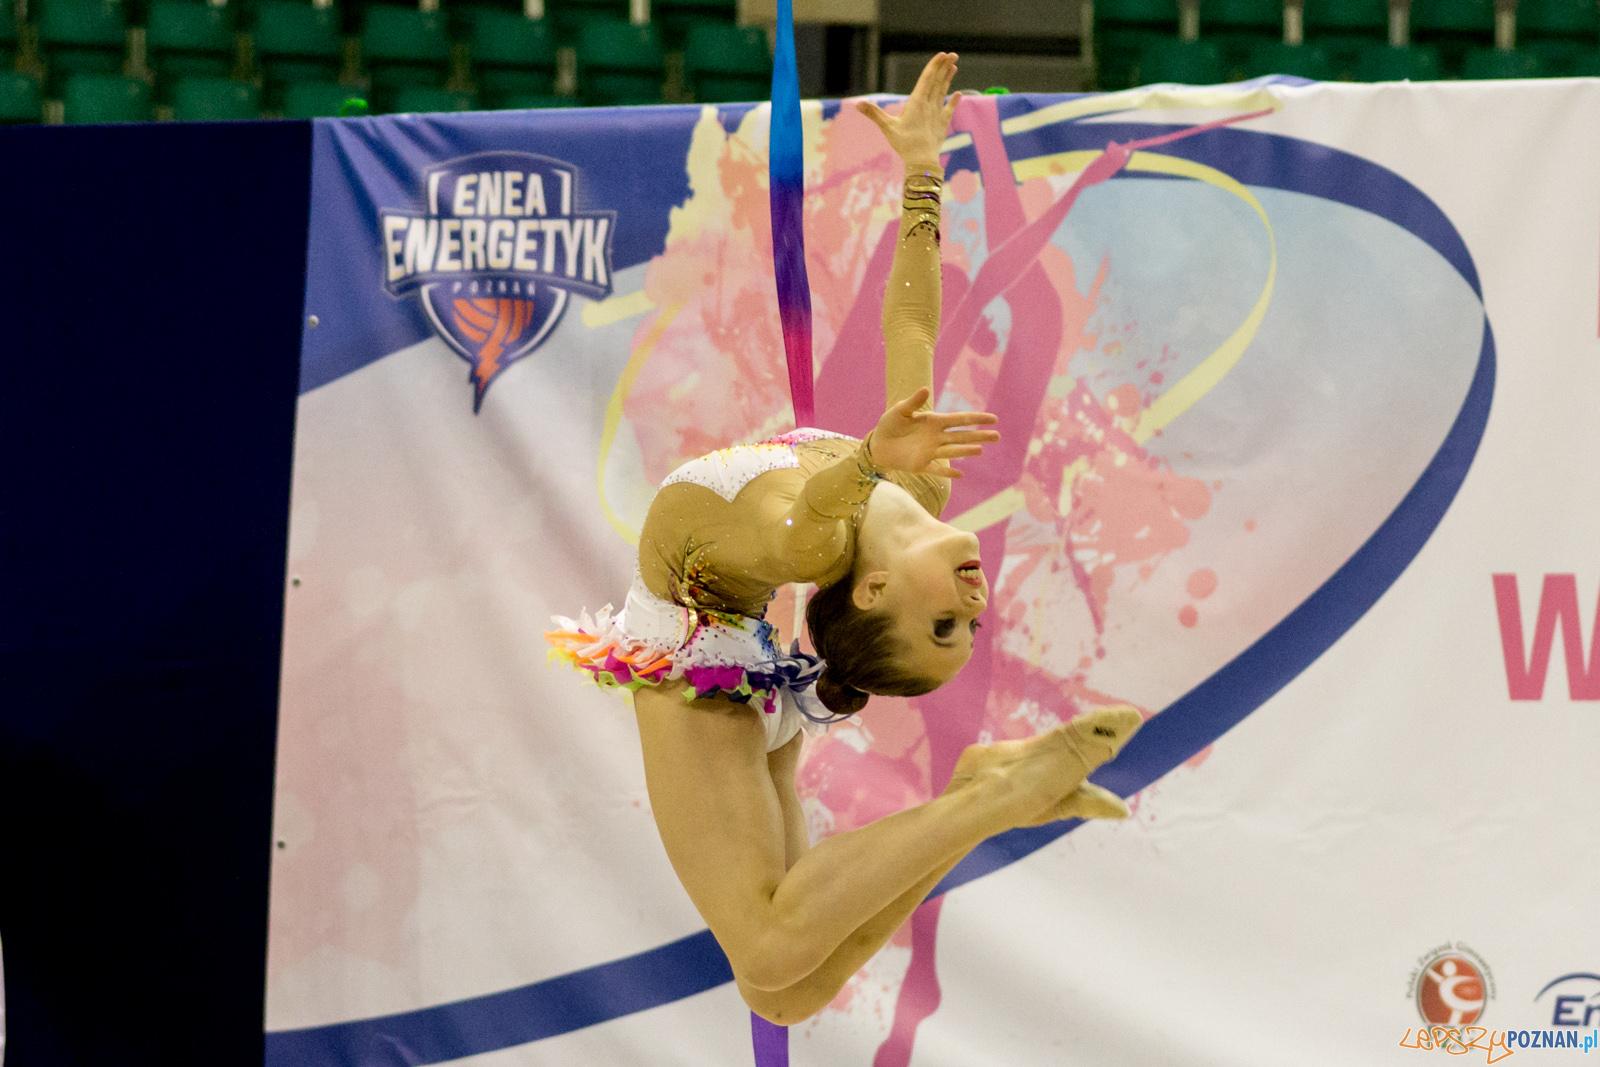 Mistrzostwa Polski Juniorek w Gimnastyce Artystycznej  Foto: lepszyPOZNAN.pl / Ewelina Jaśkowiak